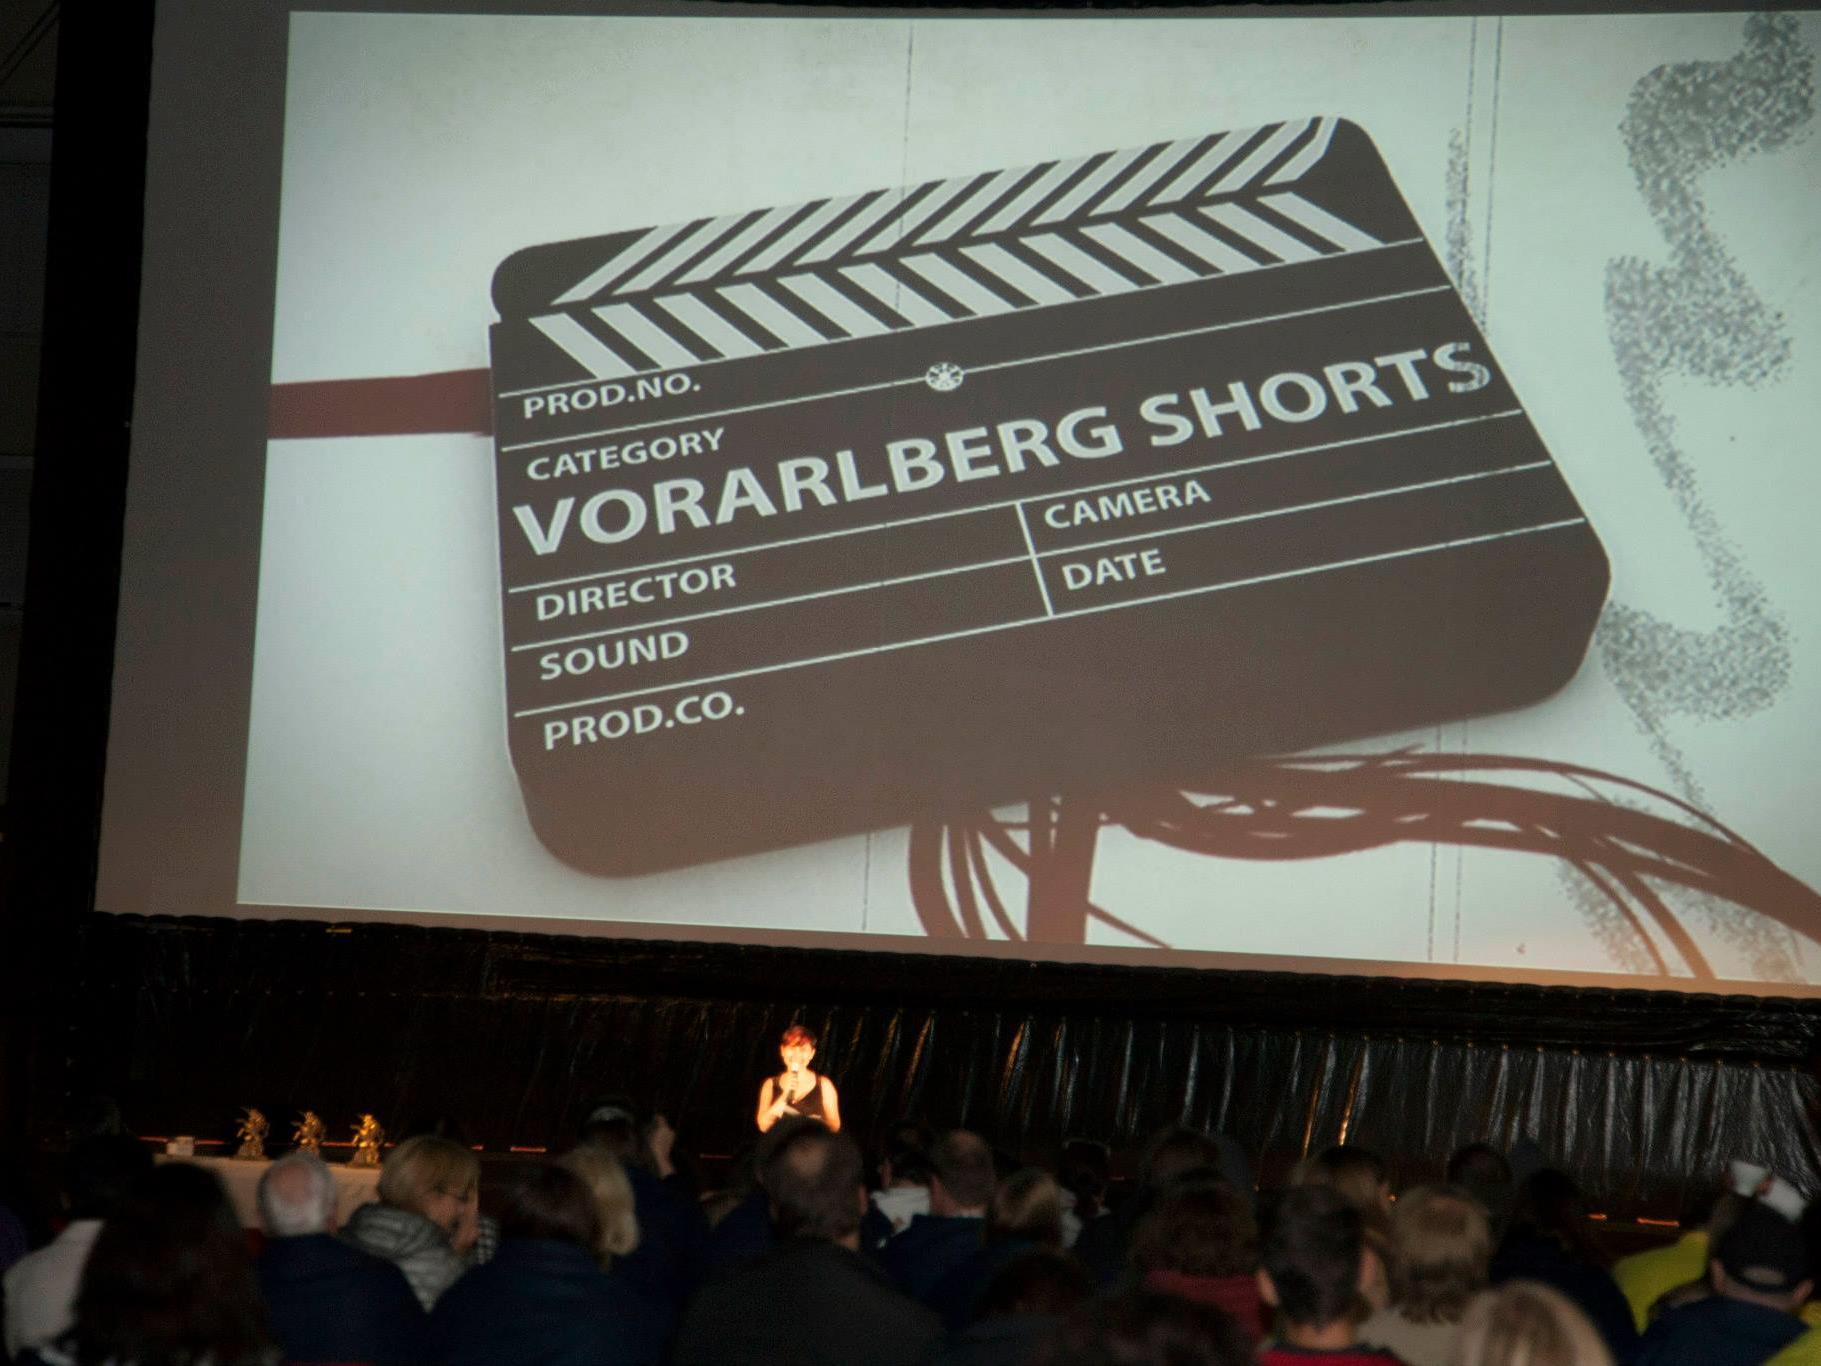 Eine Jury wählt bei der Vorarlberger Kurzfilmnacht am 25. April 2014 in Nenzing jene vier Lokalfavoriten aus.